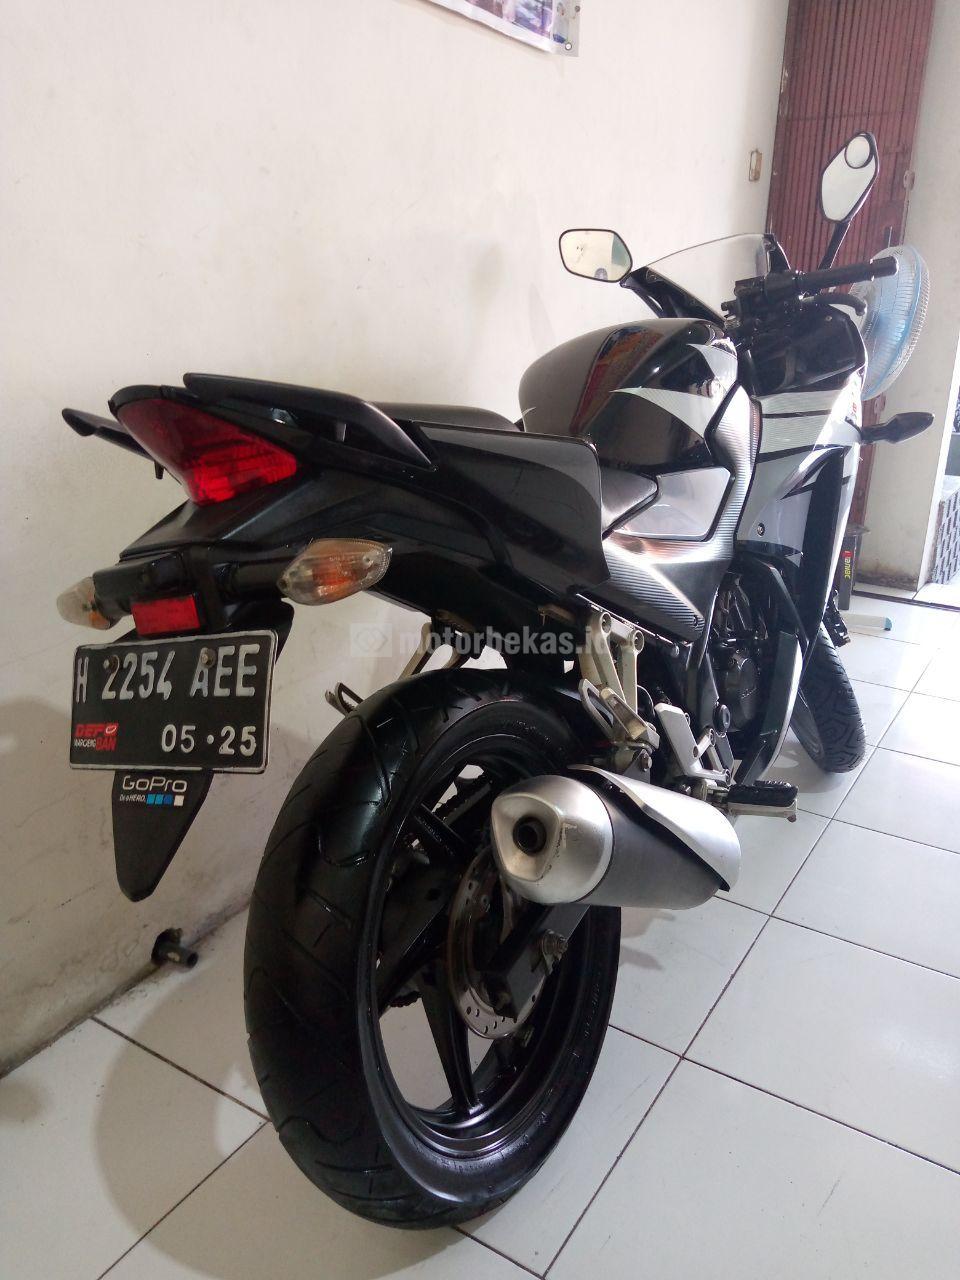 HONDA CBR 150  1004 motorbekas.id